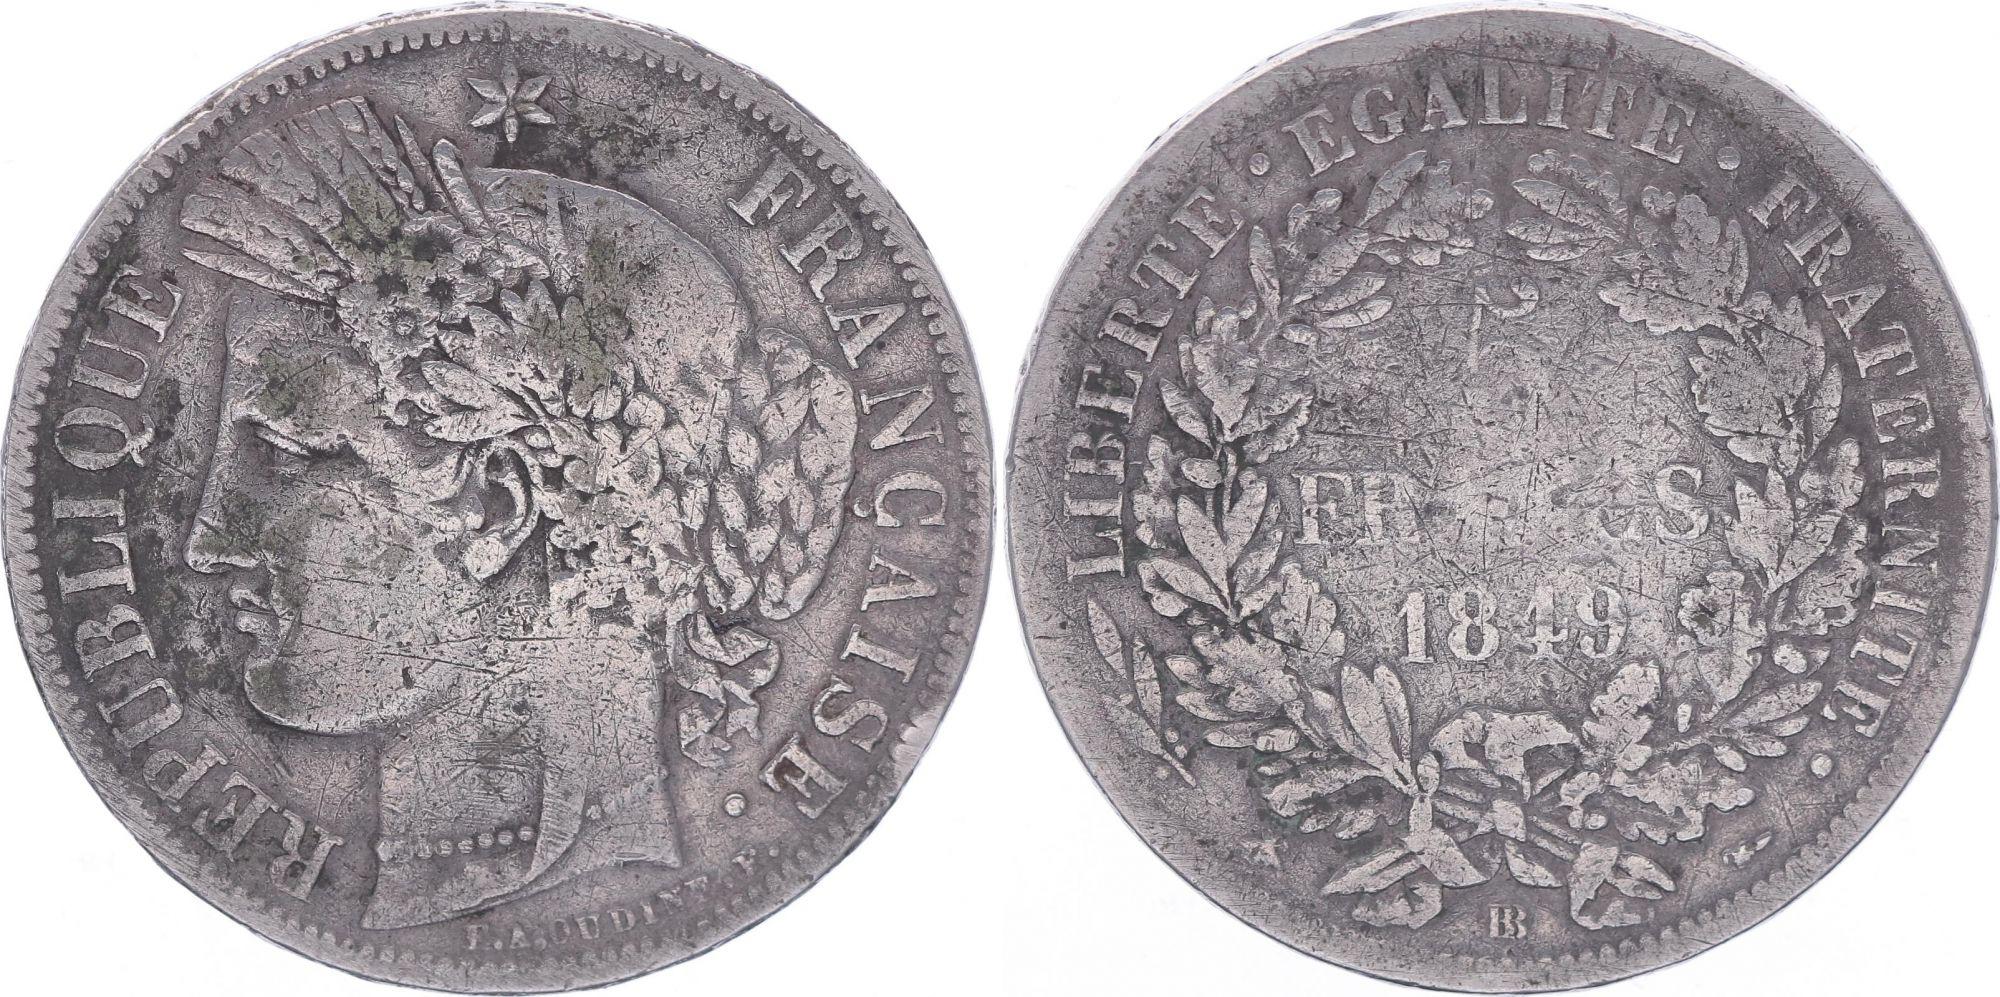 France 5 Francs, Ceres - 2nd Republic - 1849 BB Strasbourg - Fine